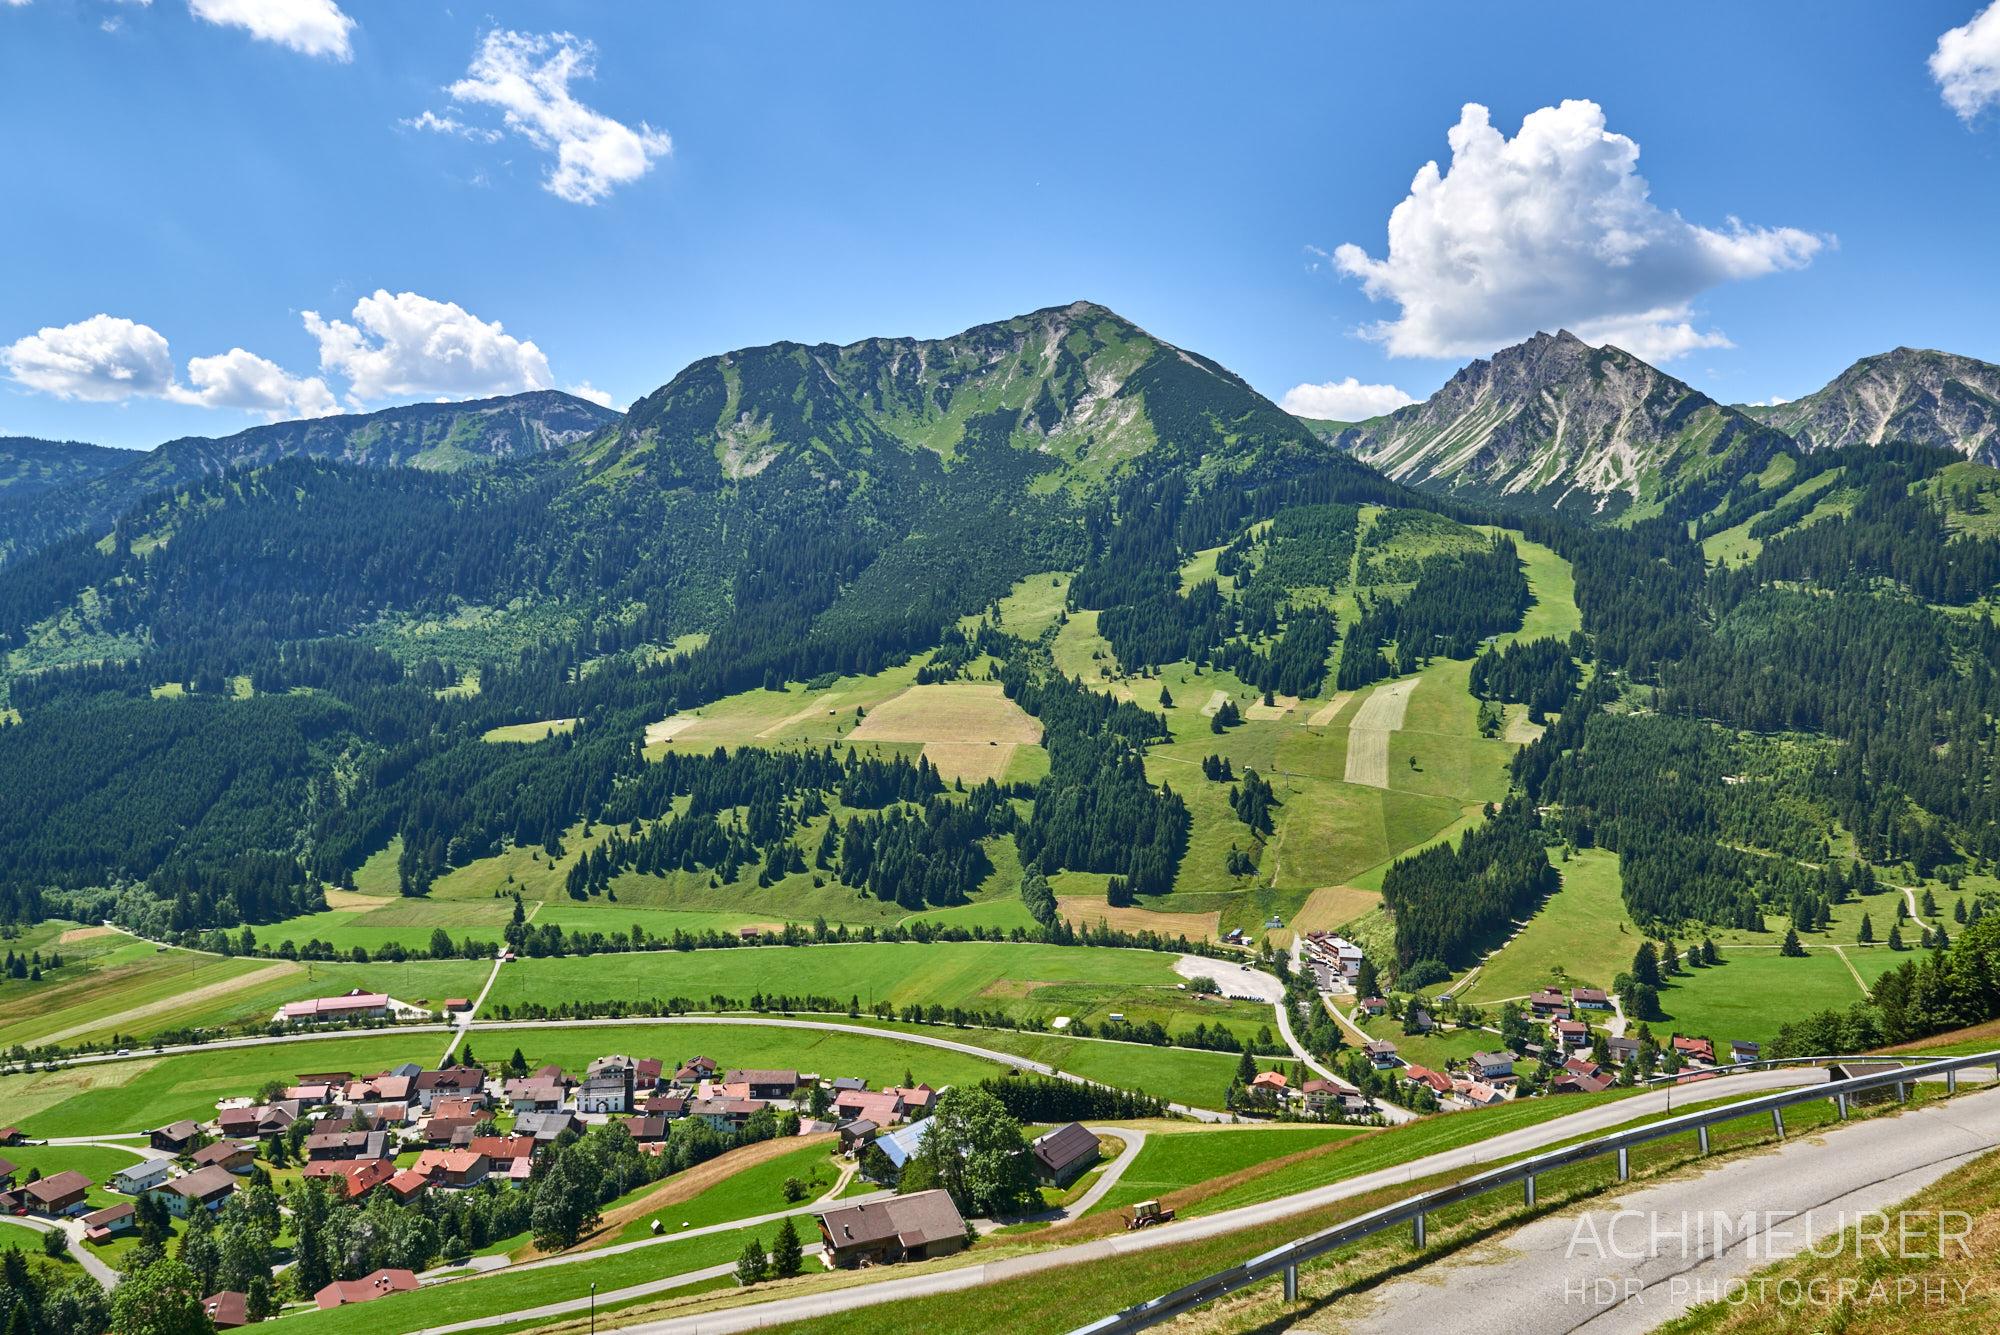 Ausblick vom Restaurant Zugspitzblick in Zöblen Tannheimertal, Tirol by AchimMeurer.com                     .